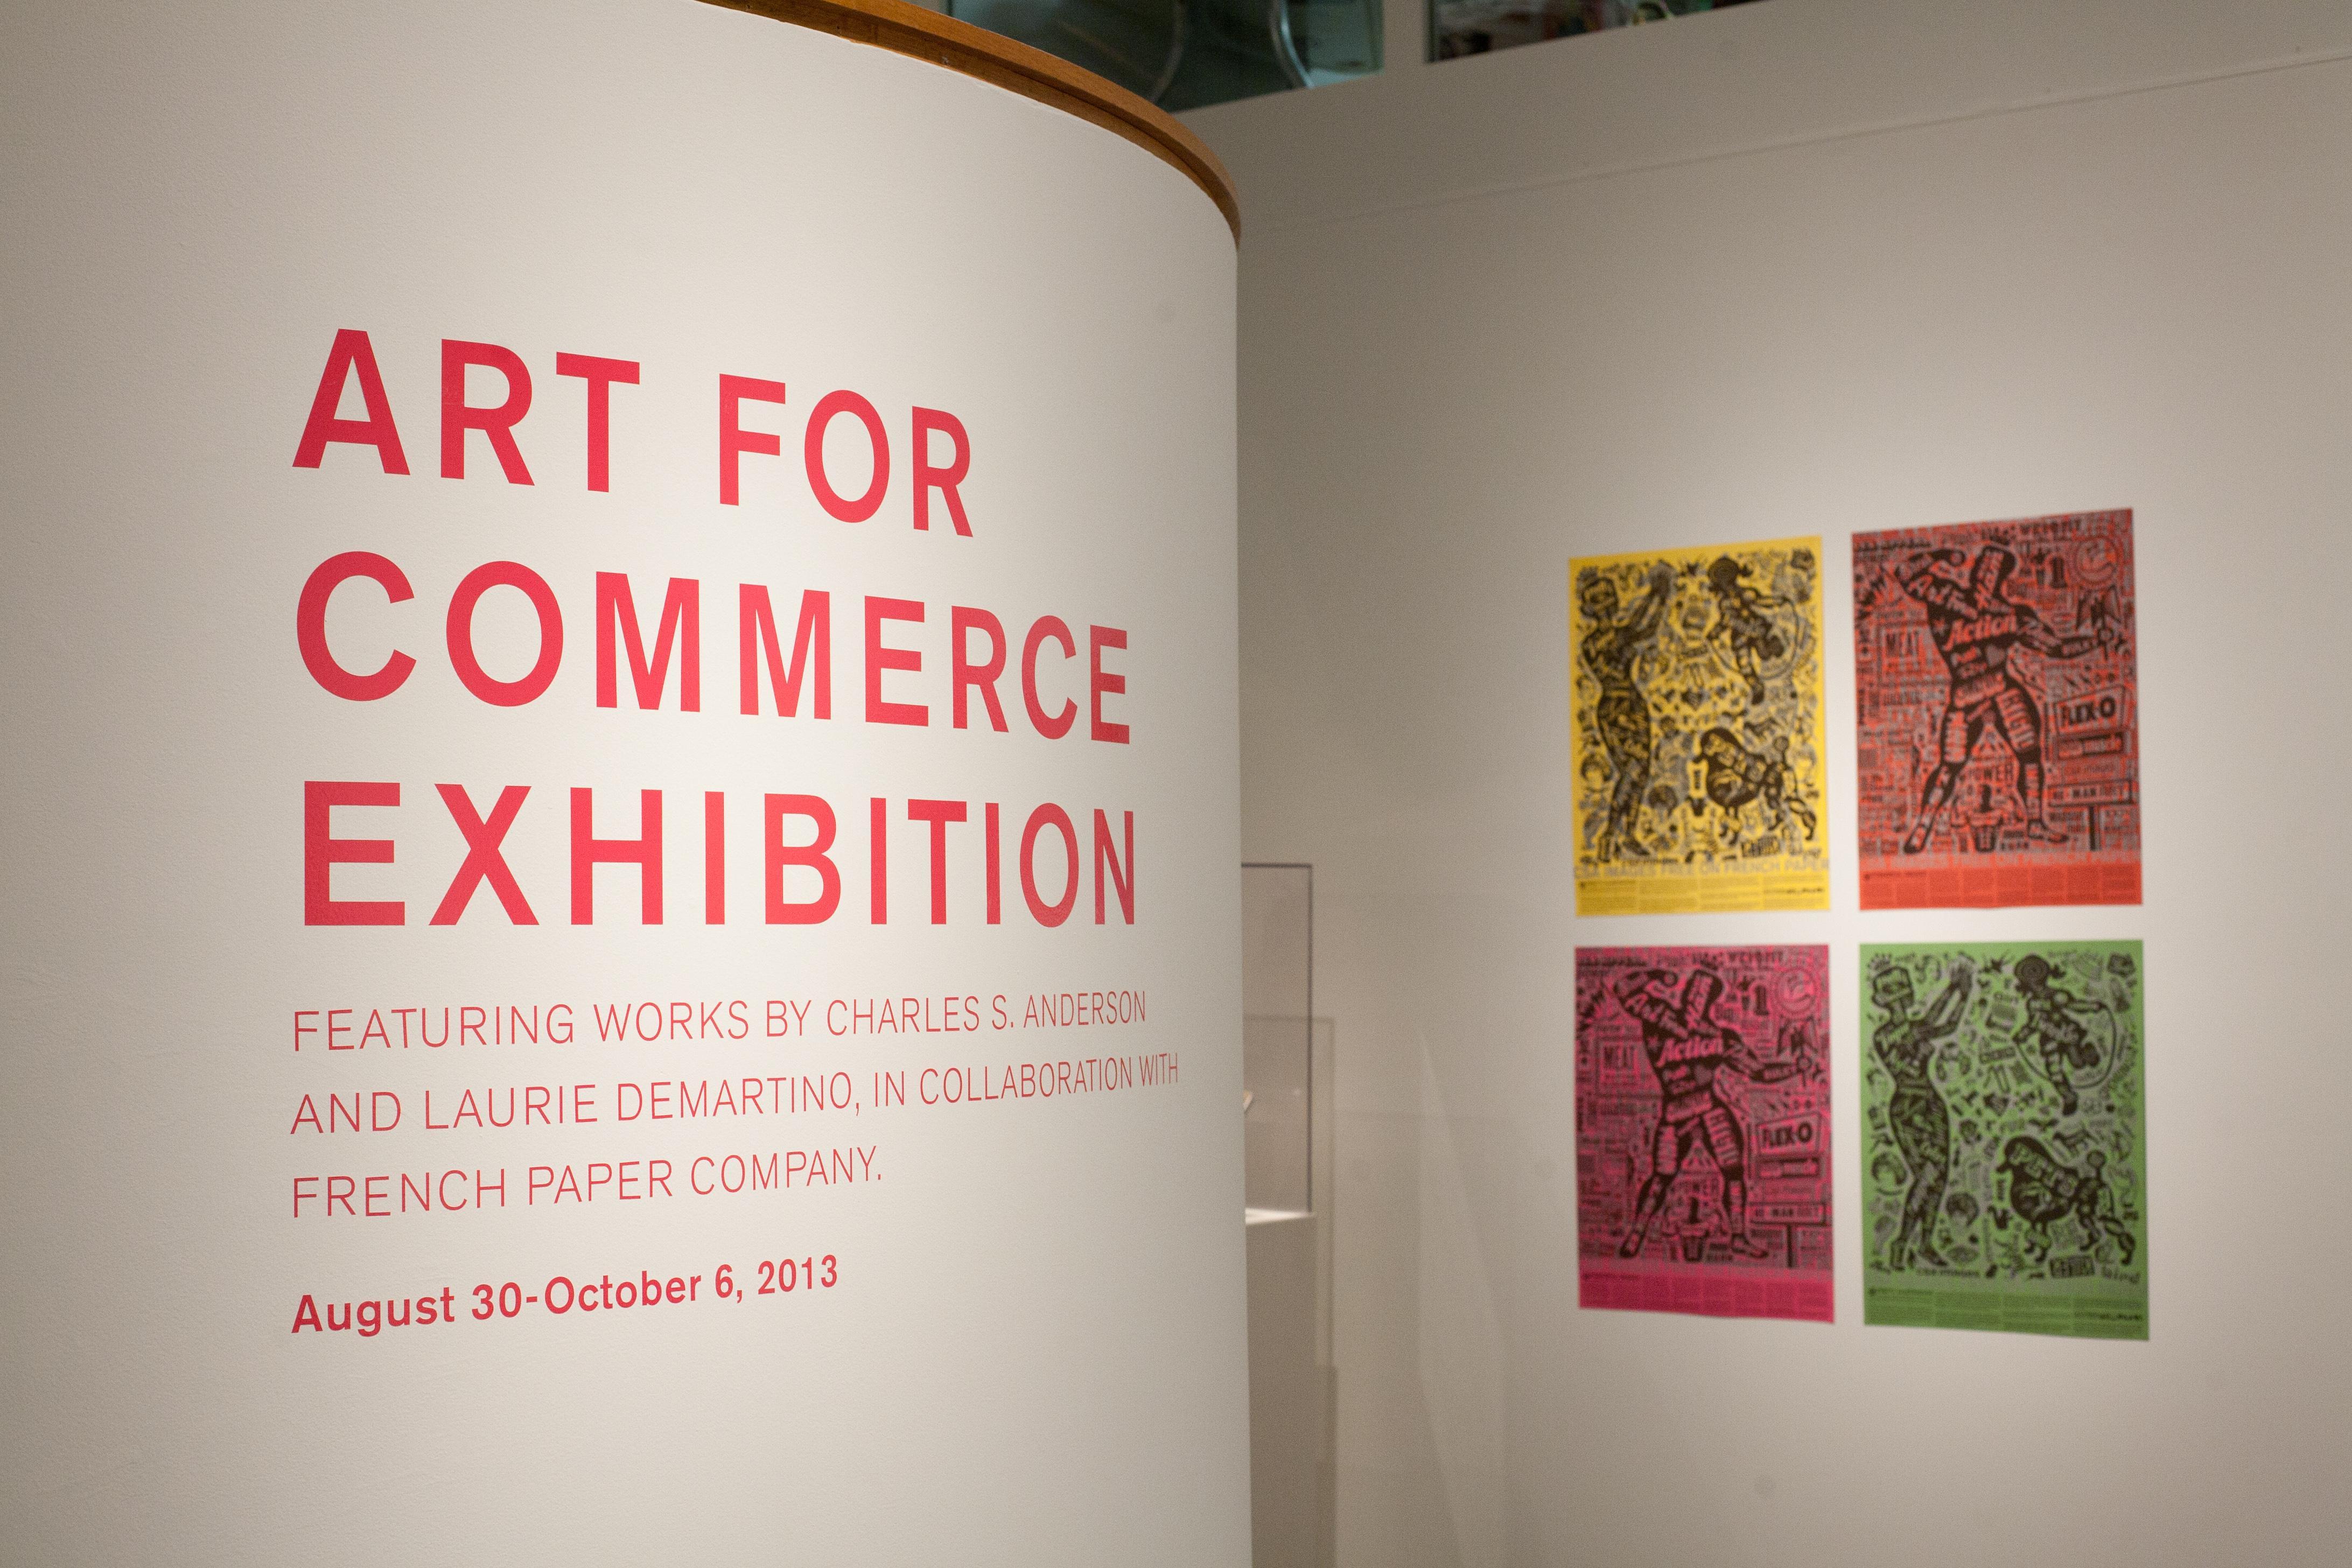 Program for the Art for Commerce Exhibition